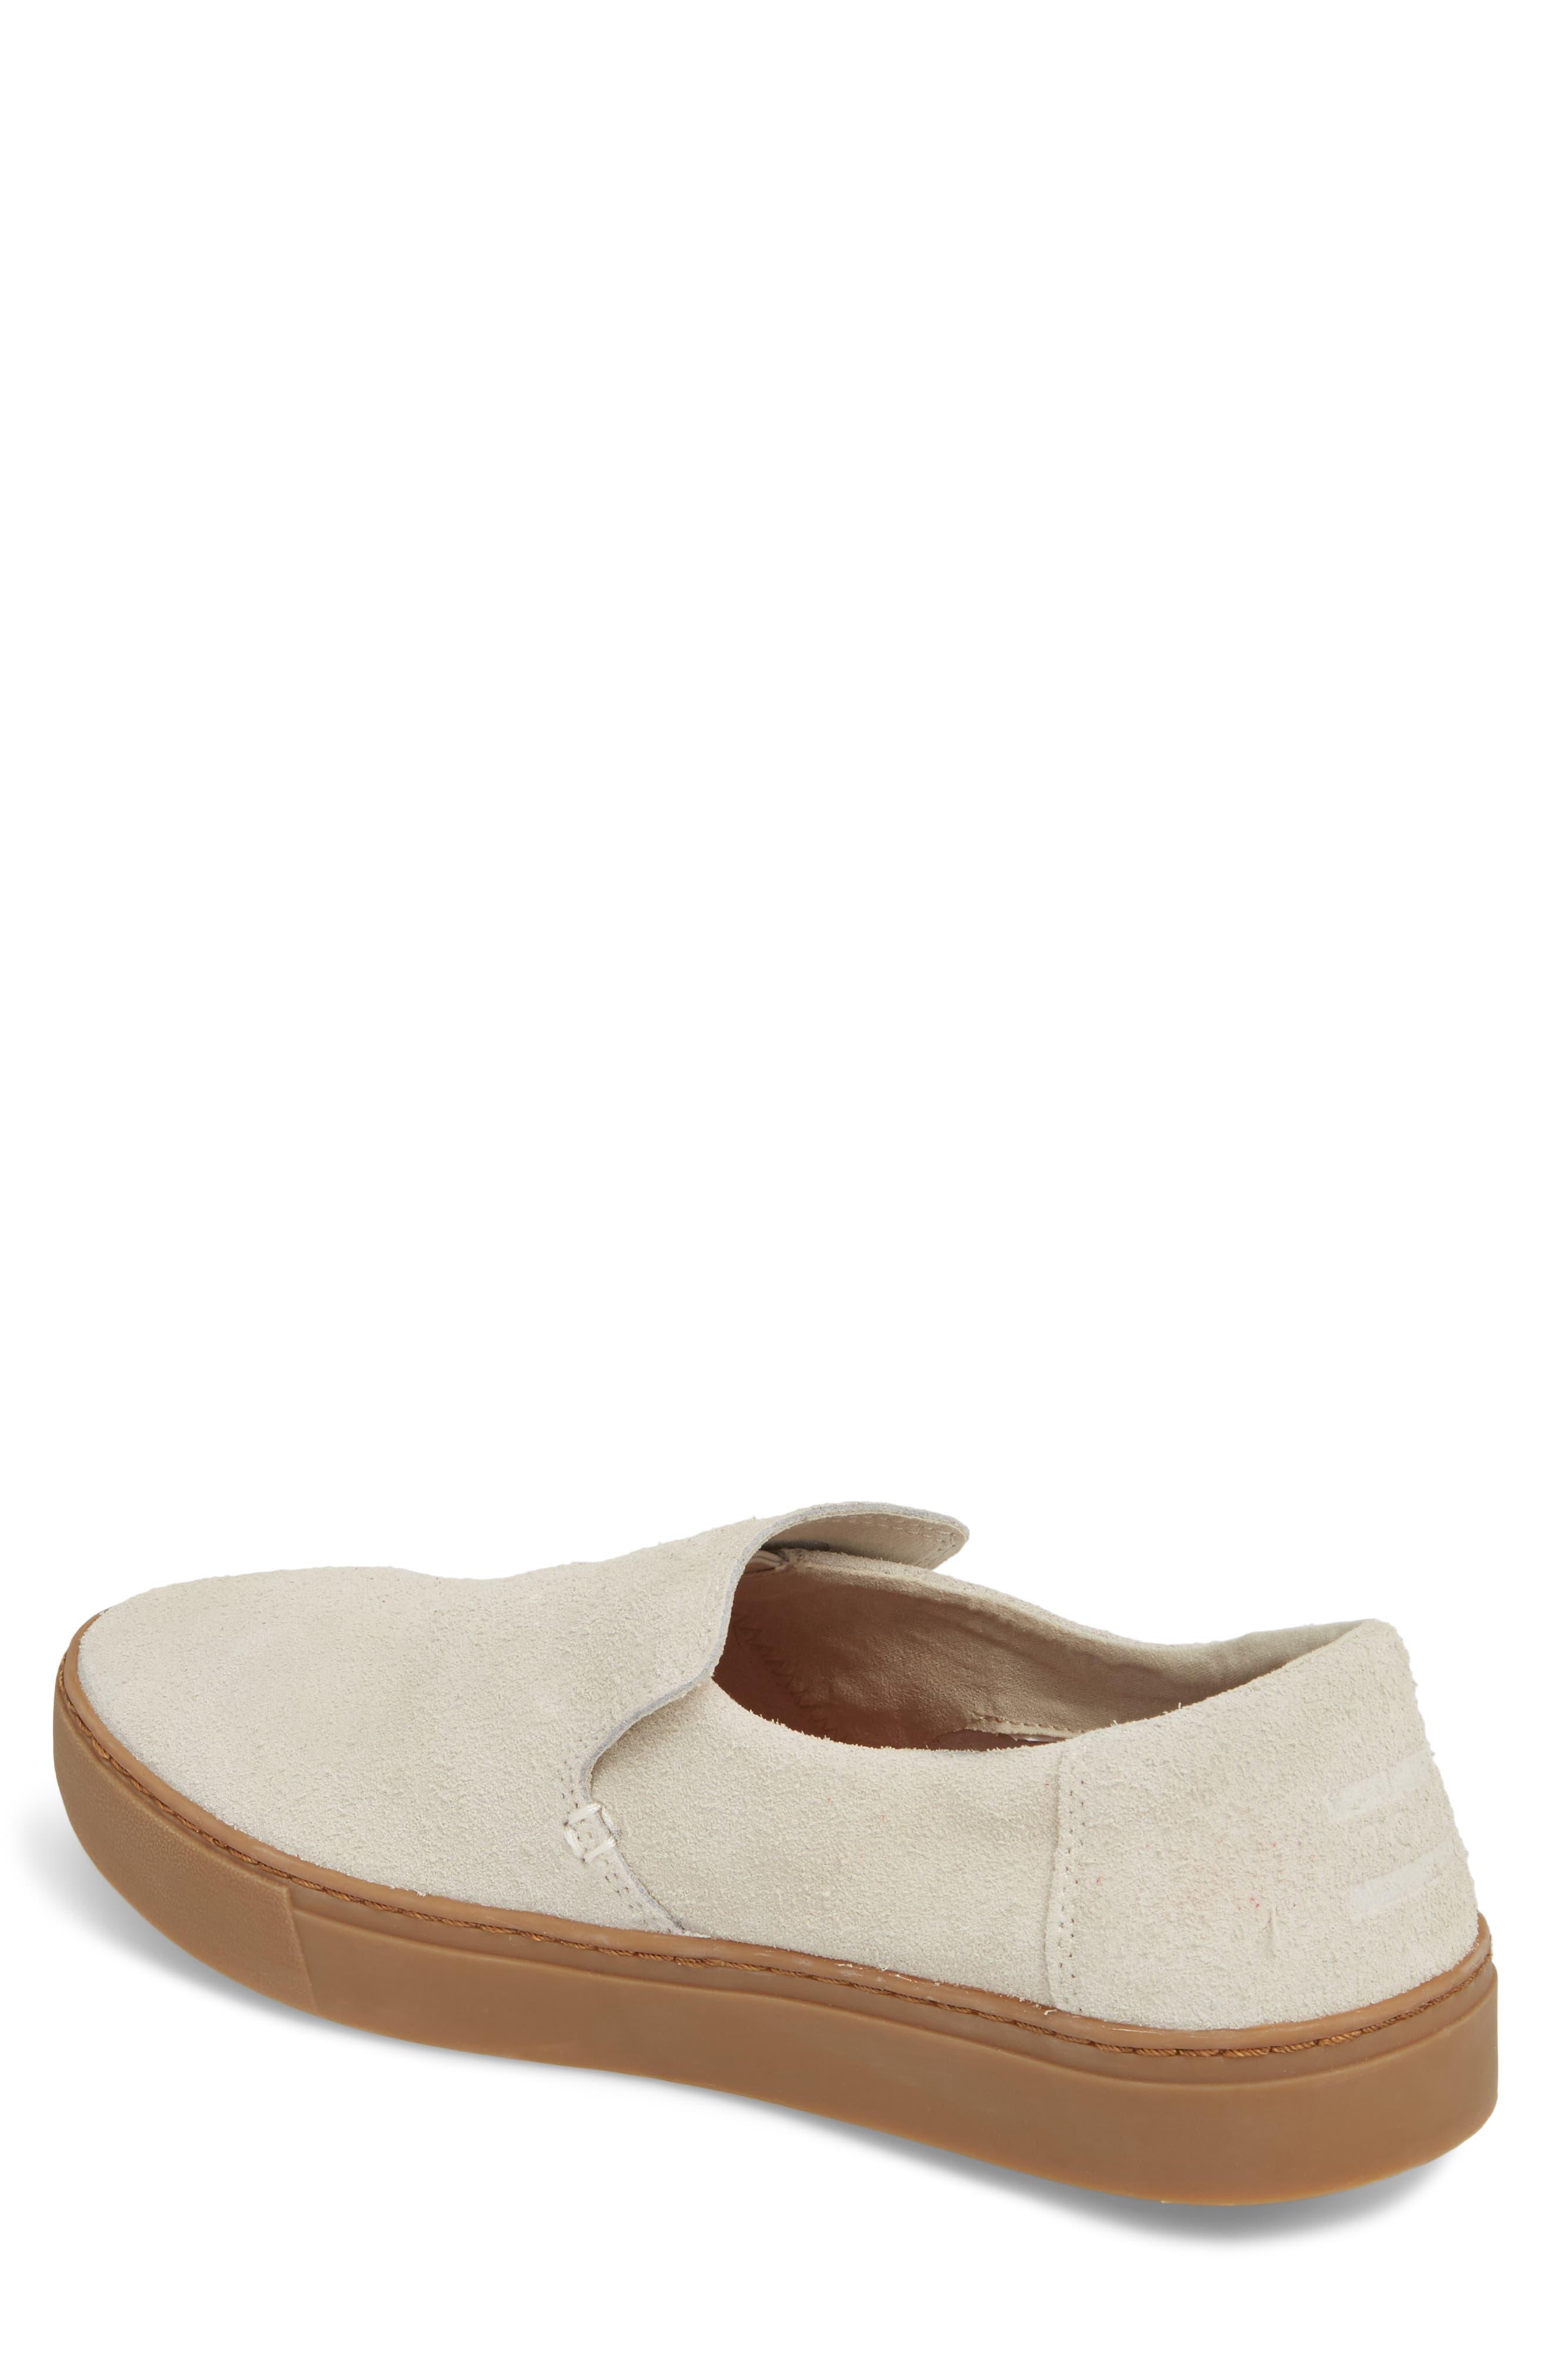 Loma Slip-On Sneaker,                             Alternate thumbnail 2, color,                             250